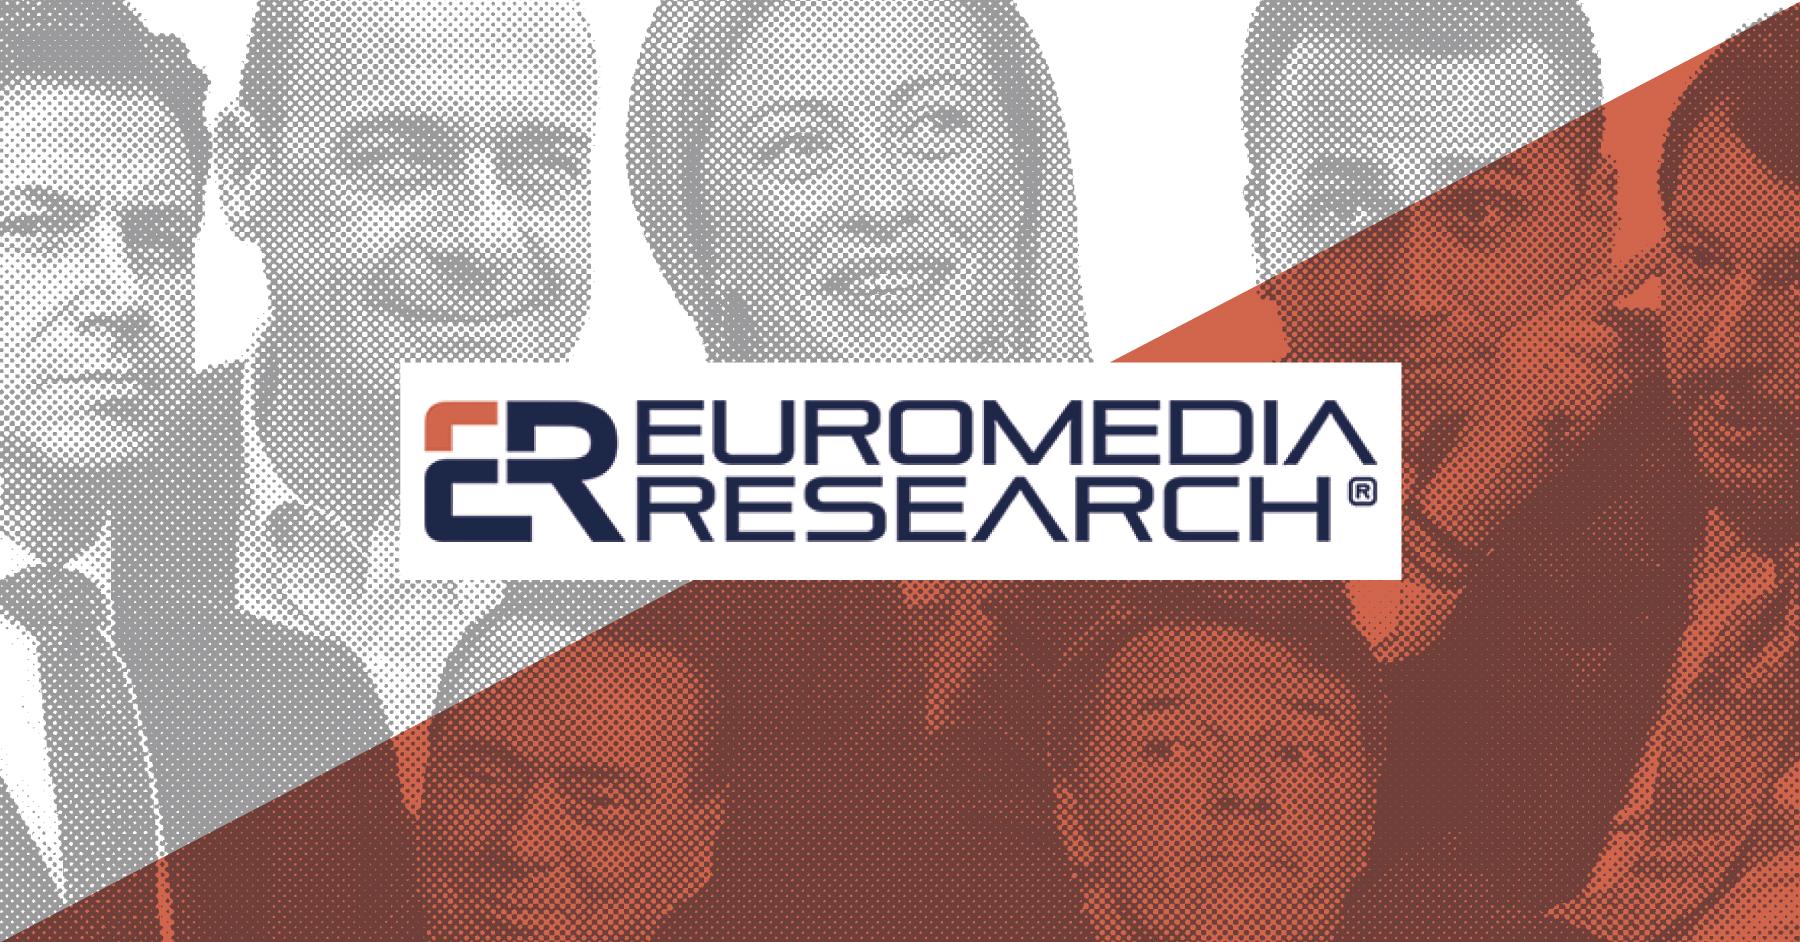 ultimi sondaggi, sondaggio, sondaggi euromedia, sondaggi elettorali euromedia